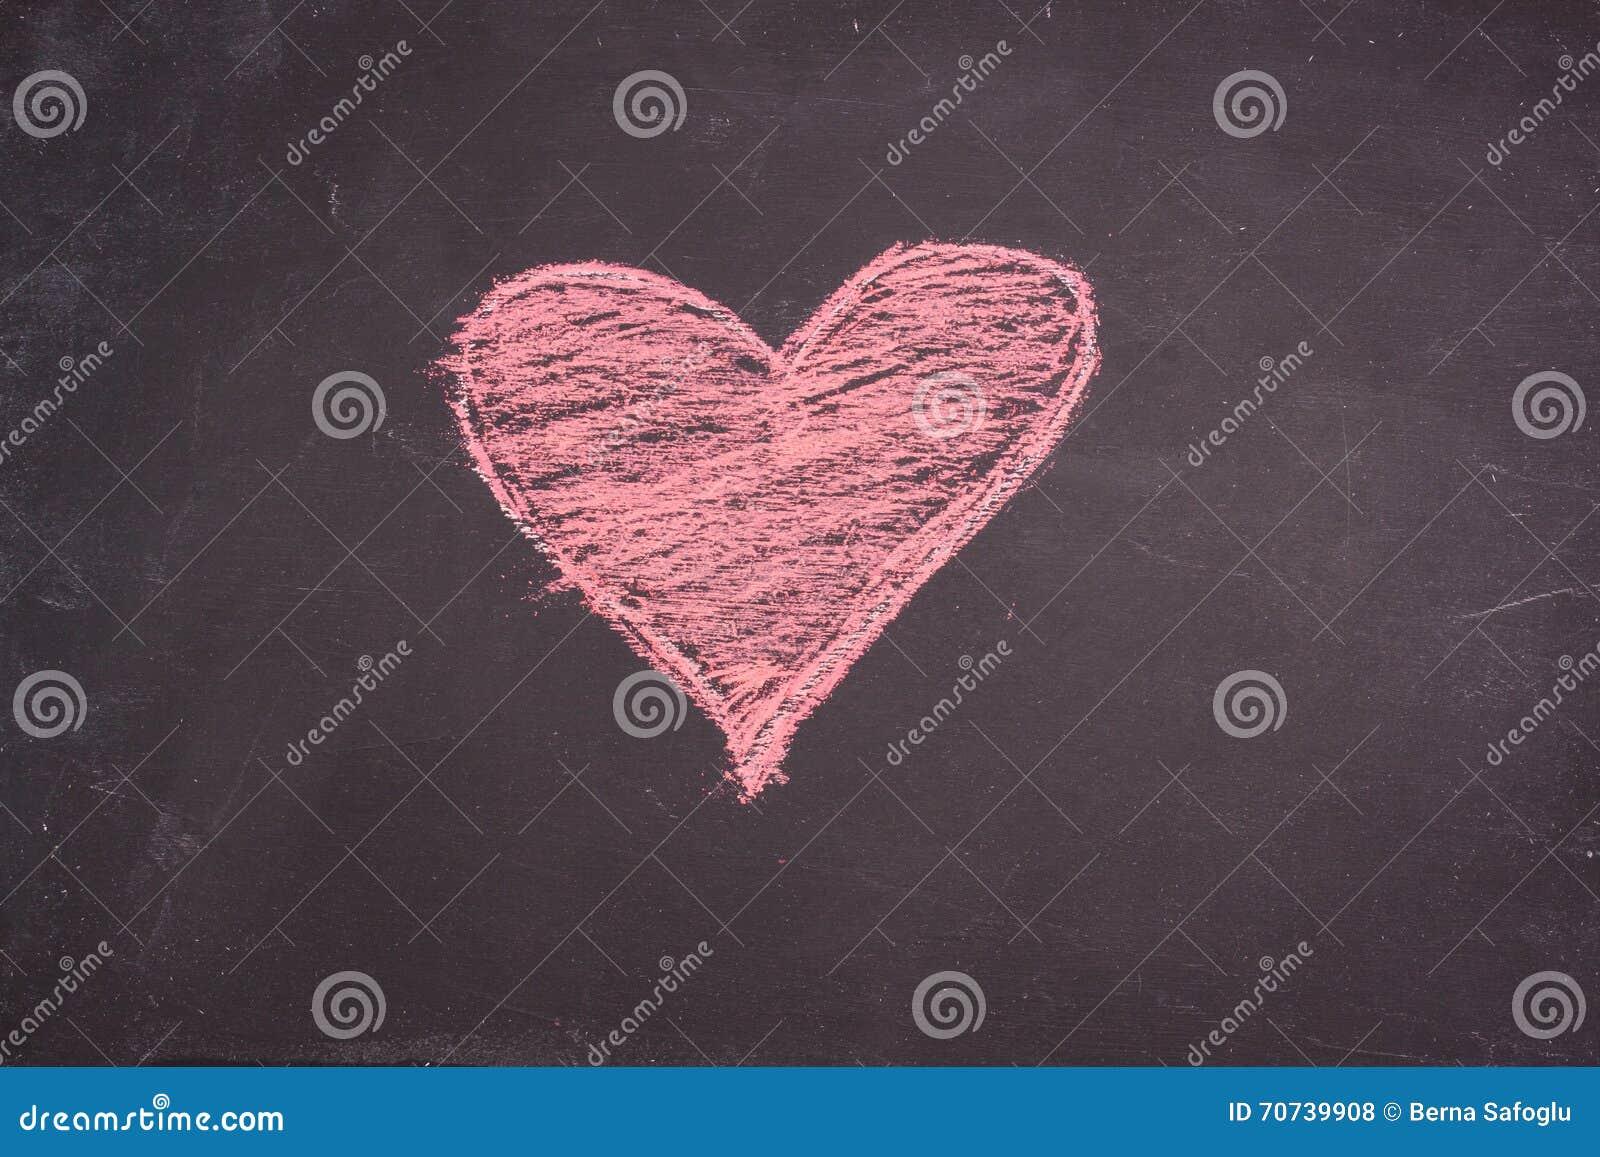 Disegno del cuore del gesso